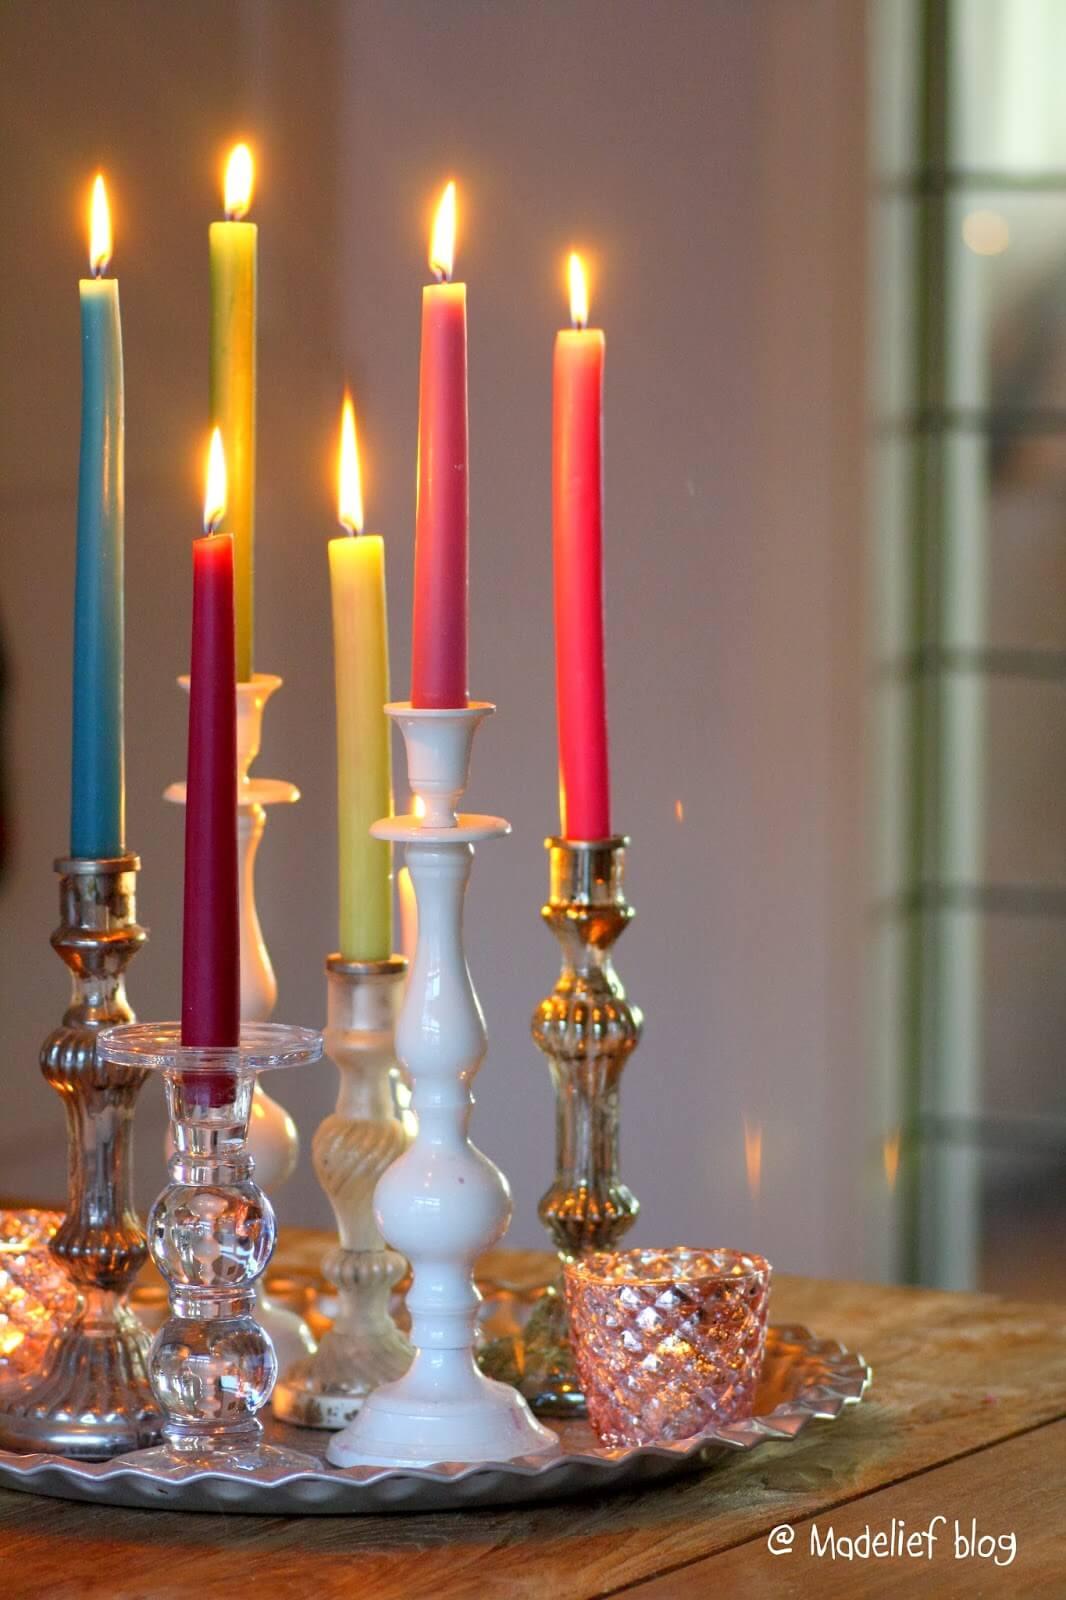 Decorare casa con le candele per aggiungere stile e calore - Decorazioni con candele ...